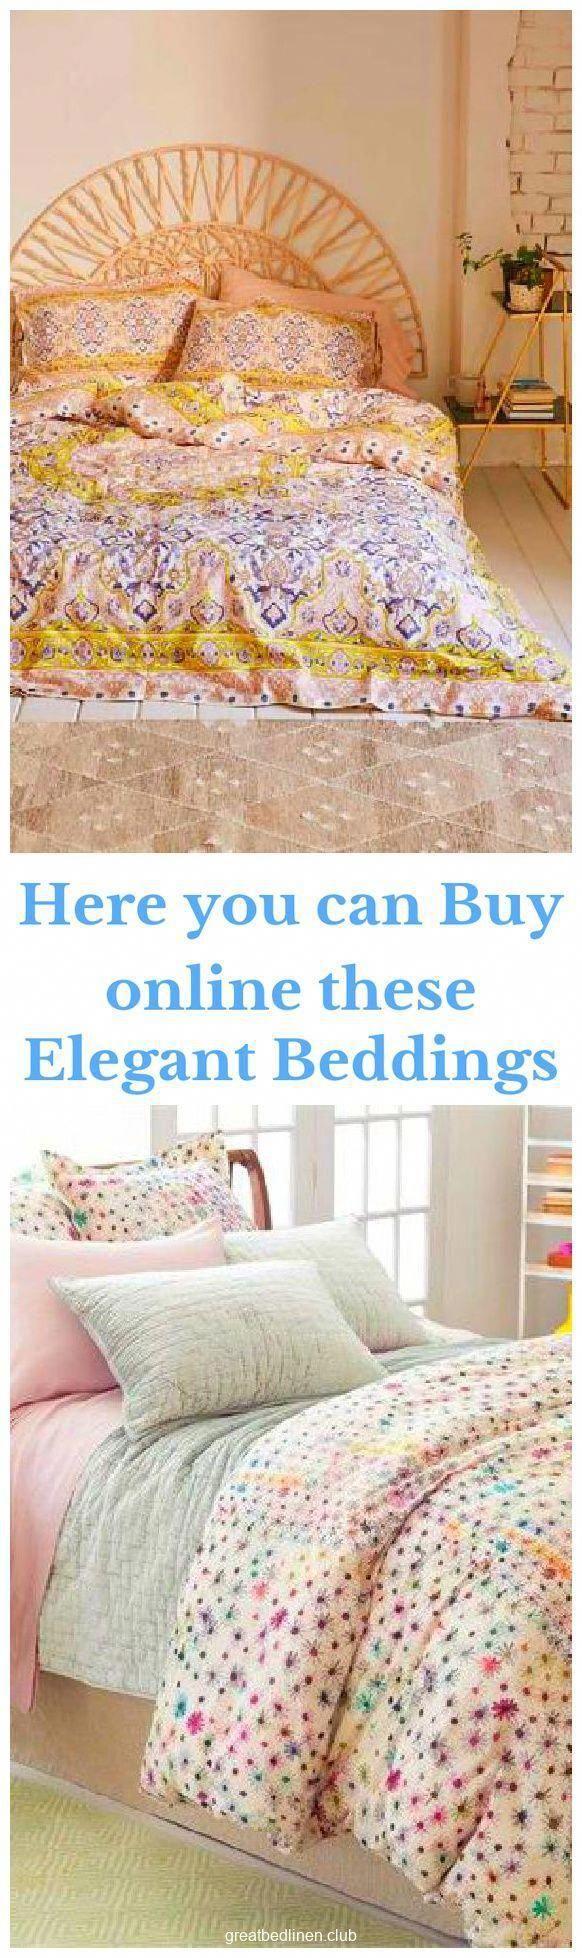 Luxury Bedding Soft Surroundings FashionableBedroomIdeas